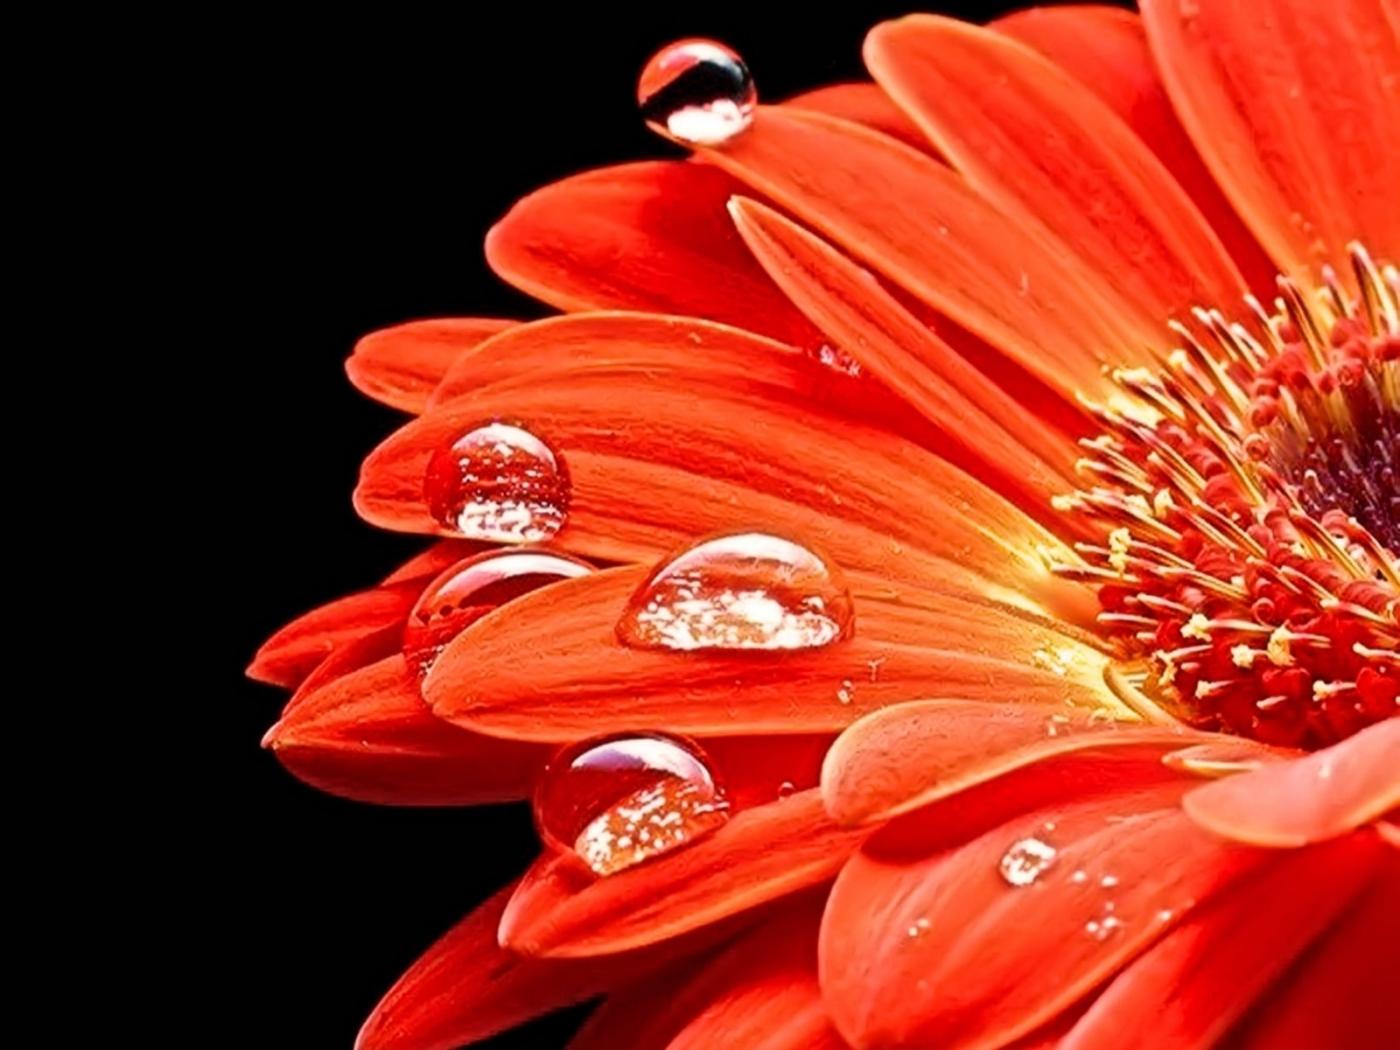 Handy-Wallpaper Pflanzen, Blumen, Drops kostenlos herunterladen.